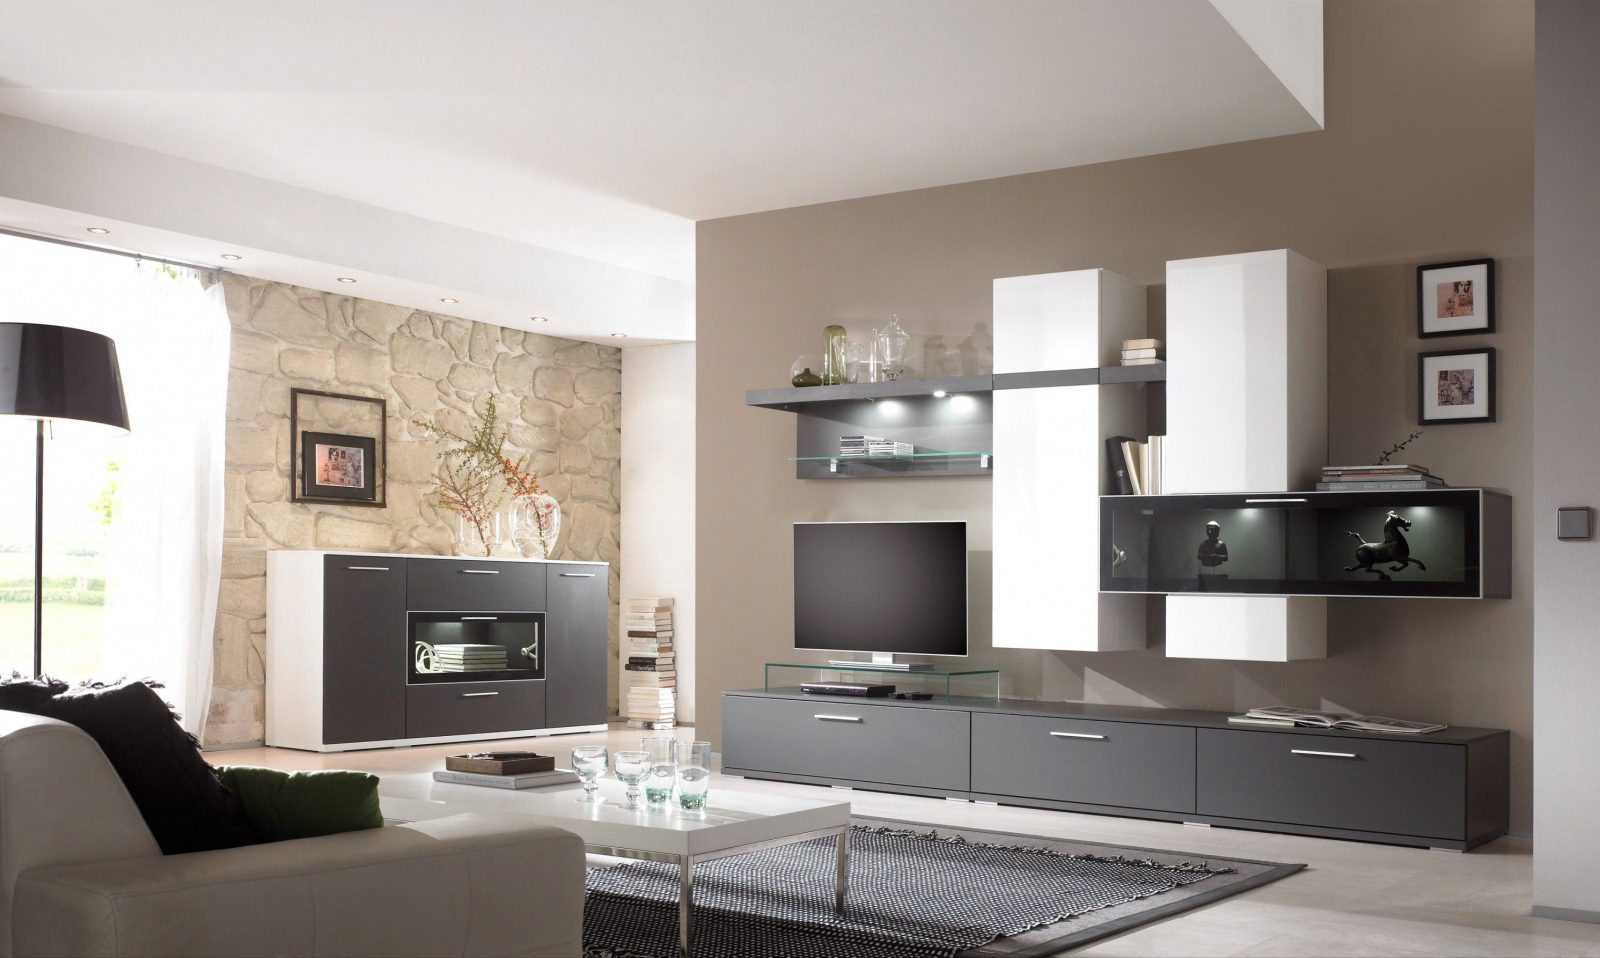 Cool Design Wohnzimmer Wande Farbe Grau Mit Farben Beispiele Ideen von Moderne Farben Für Wohnzimmer Bild